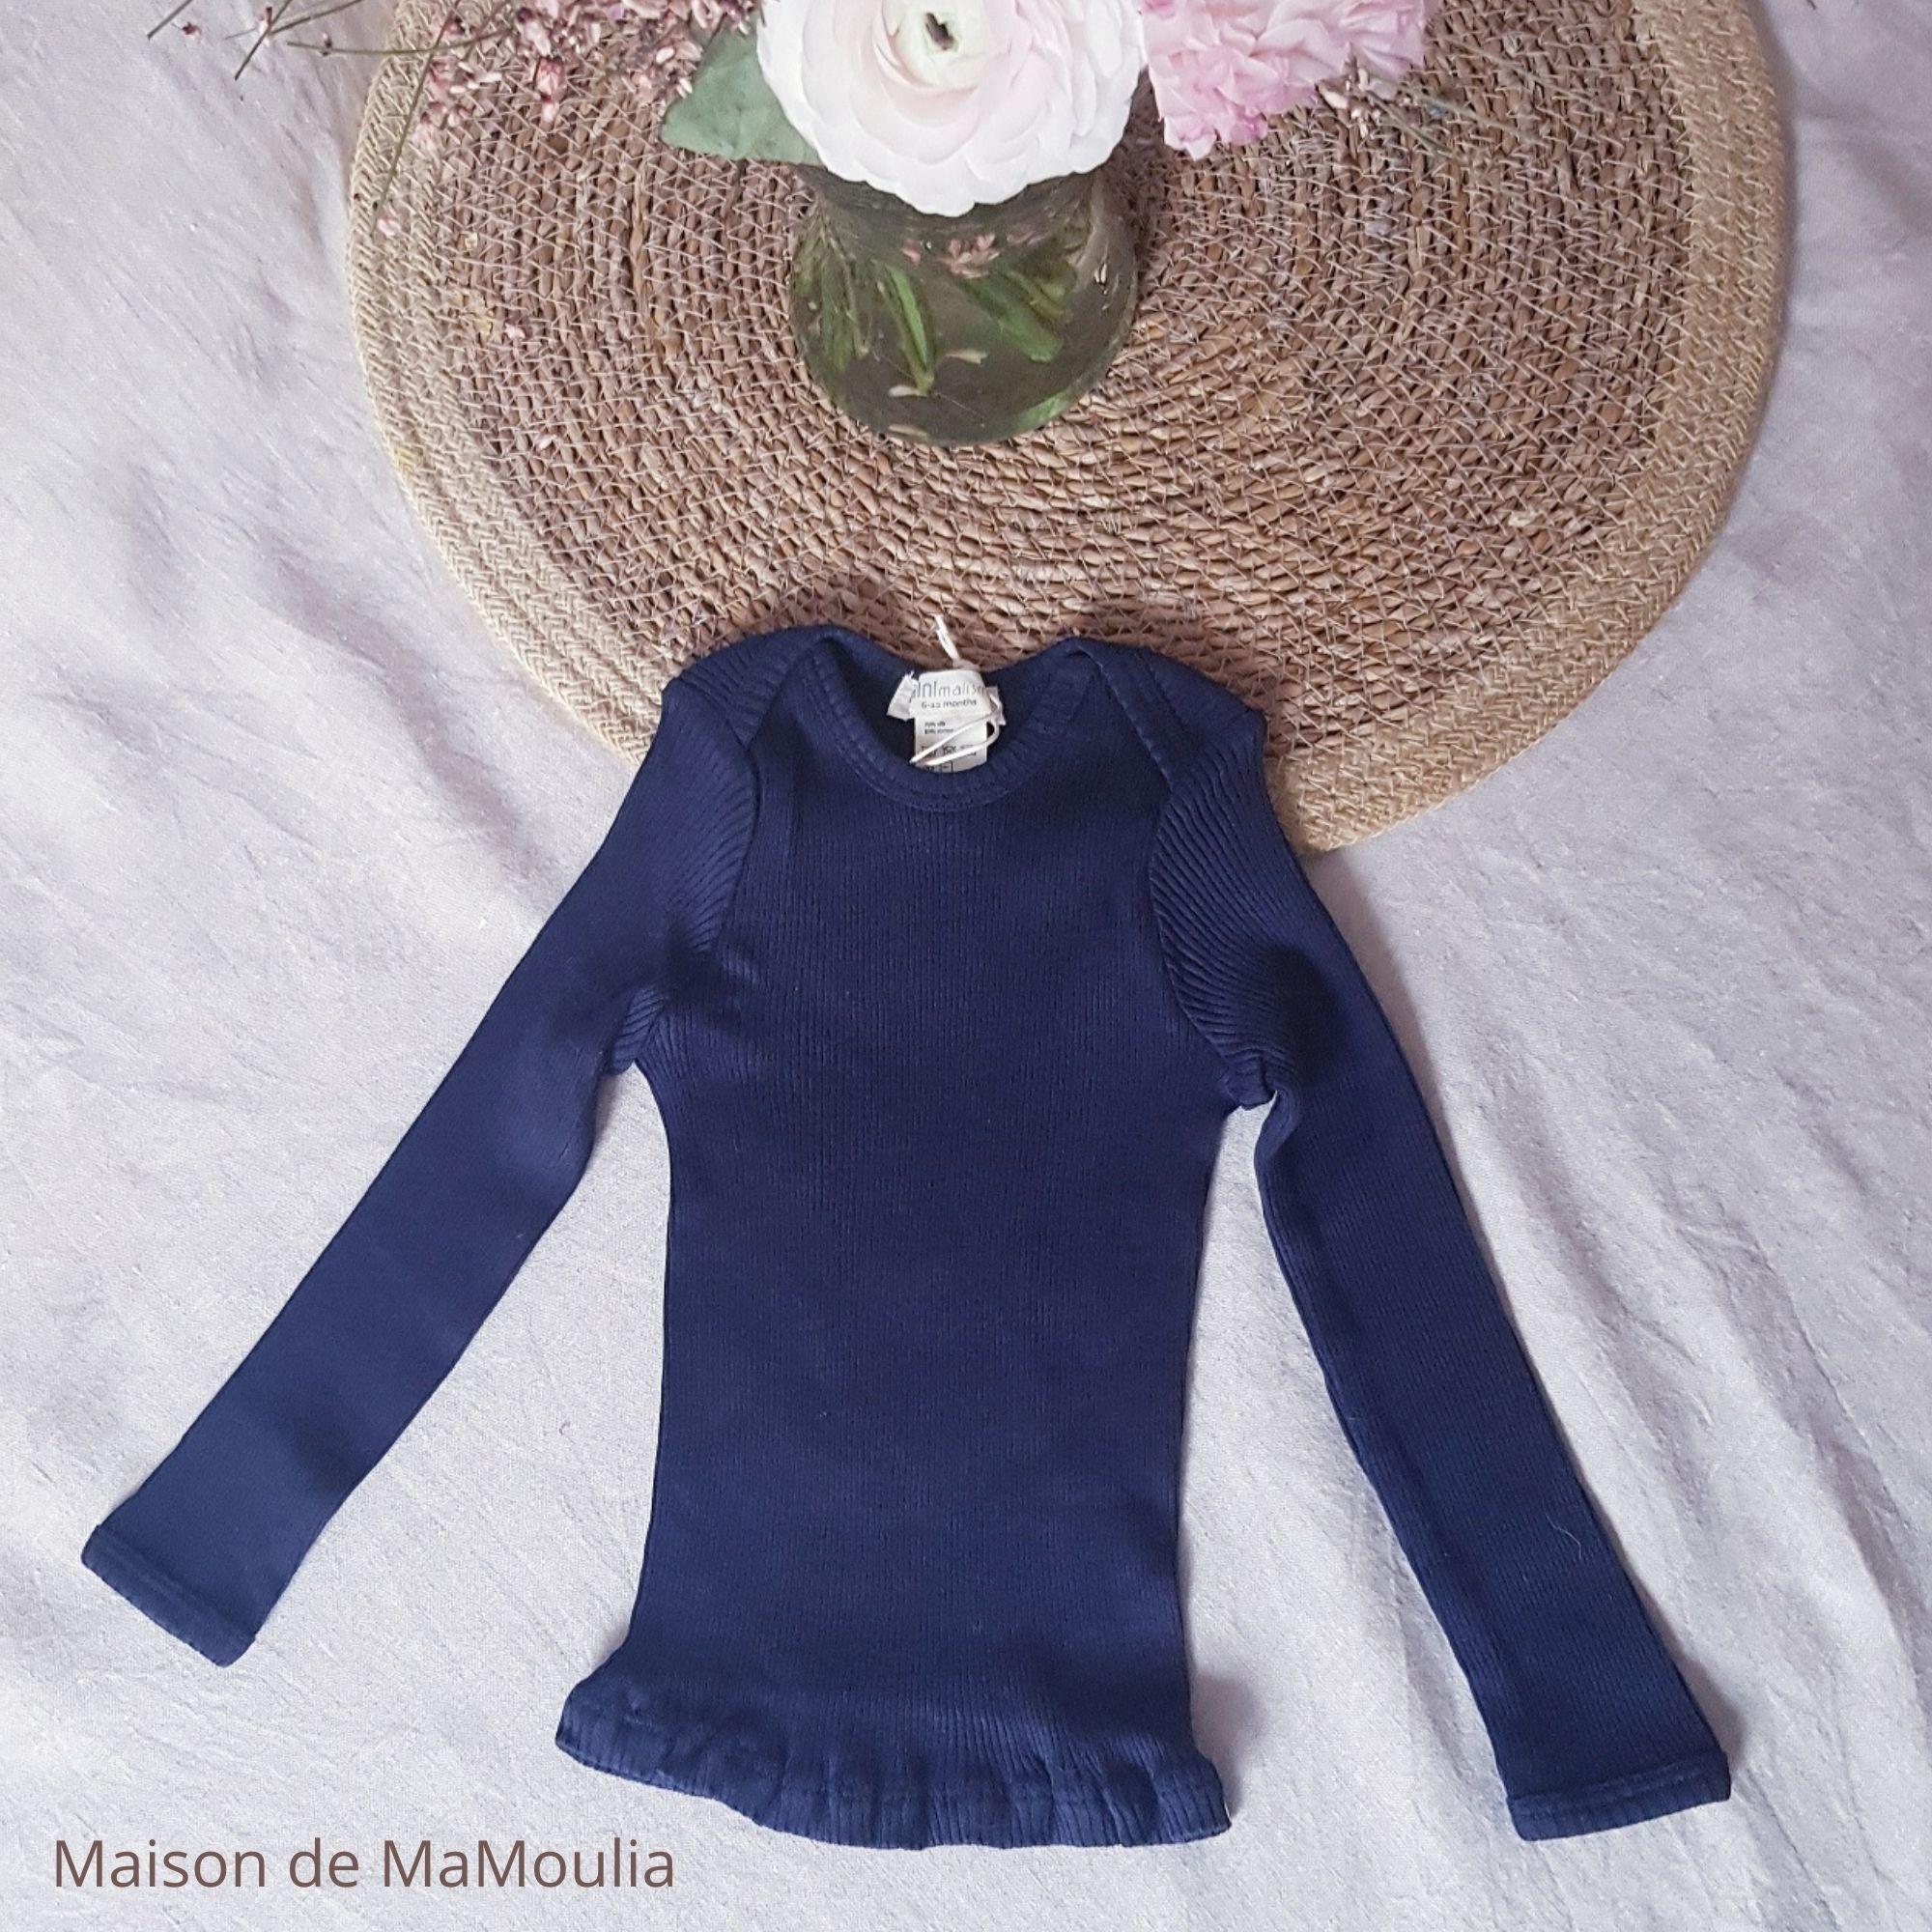 MINIMALISMA - T-shirt bébé - Soie 70% / coton 30% - Belfast - Dark blue